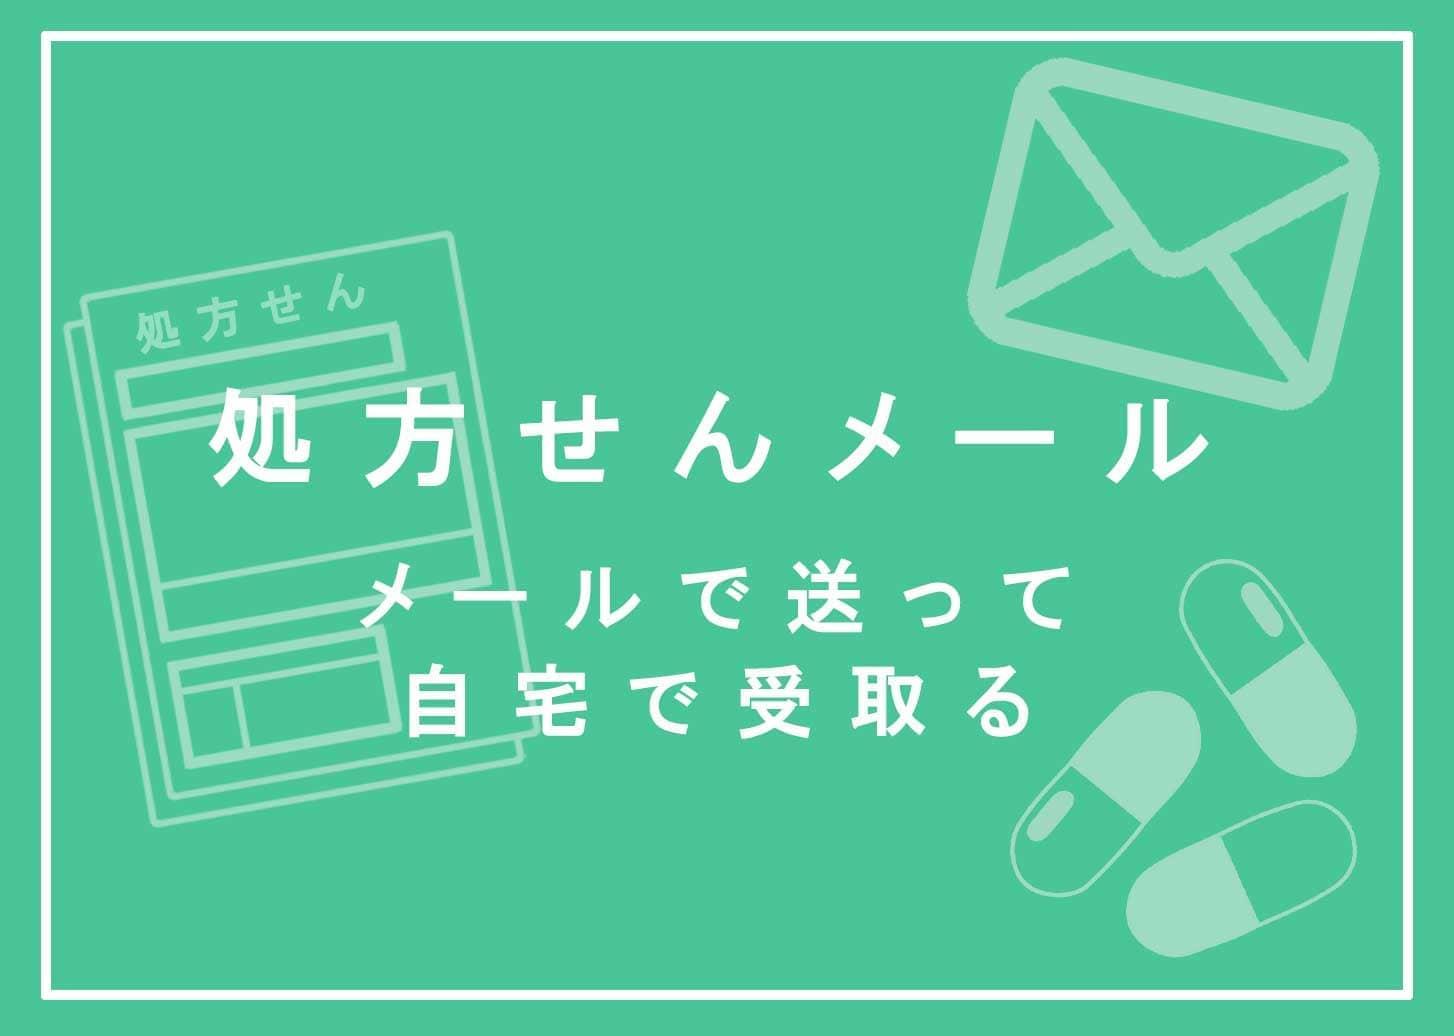 処方せんメール